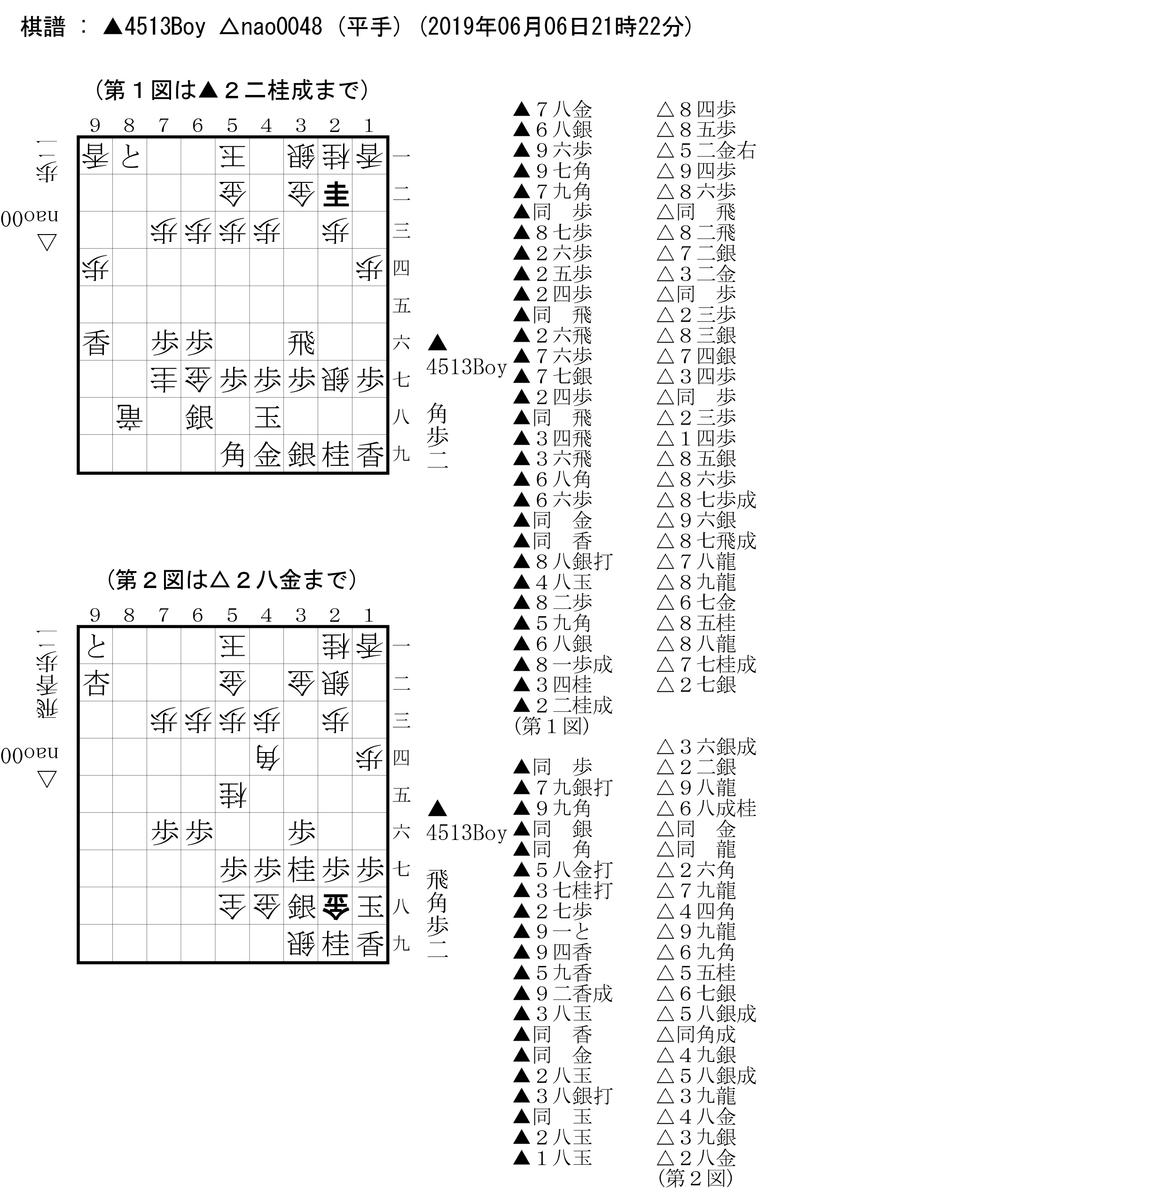 f:id:nao0048:20190606232817p:plain